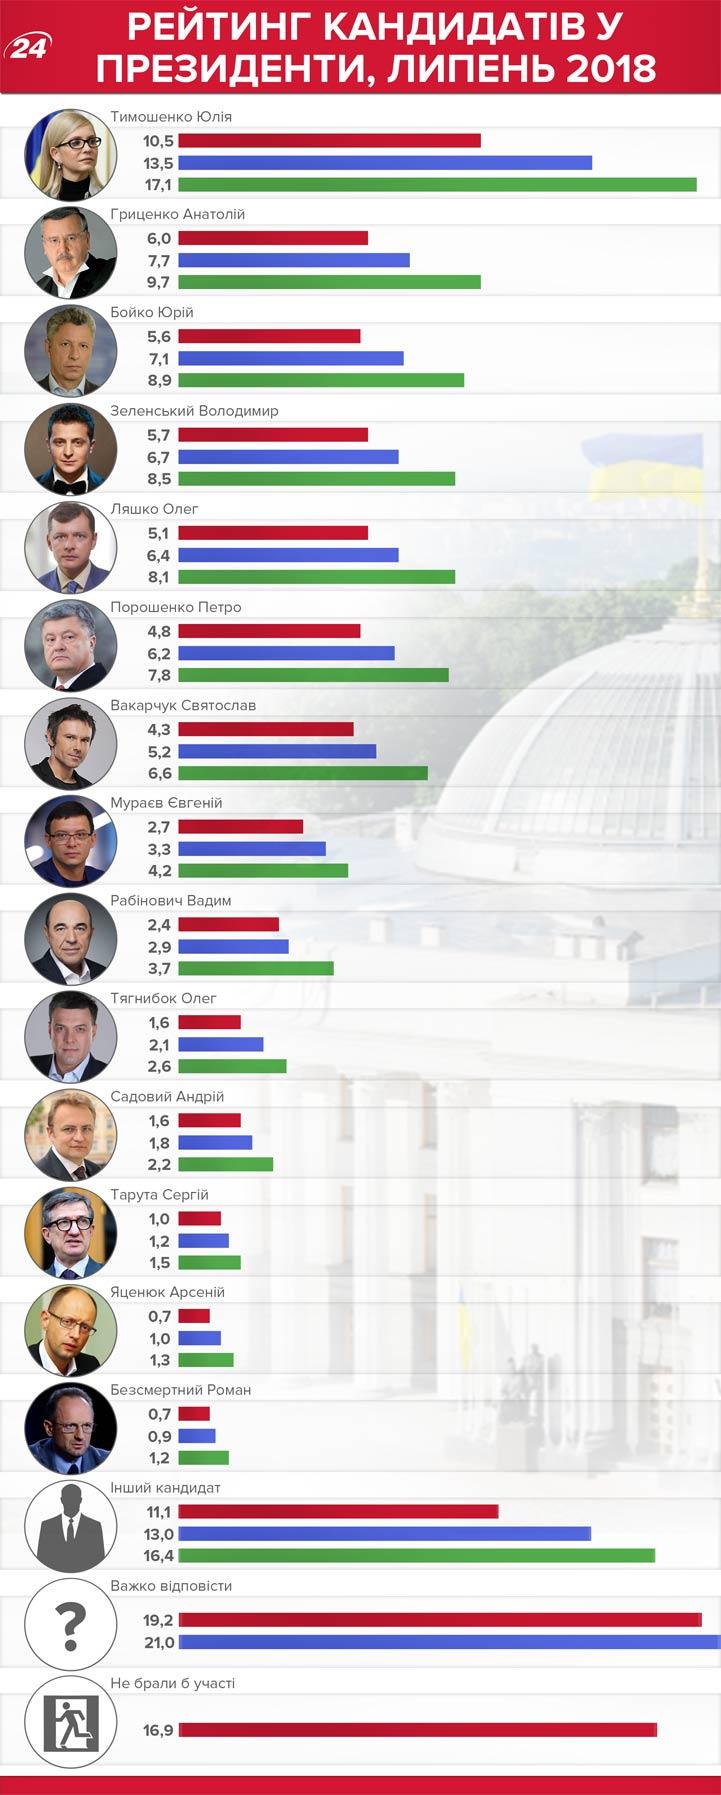 Рейтинг кандидатов в президенты Украины в 2019 году по дынным Телеканала 24